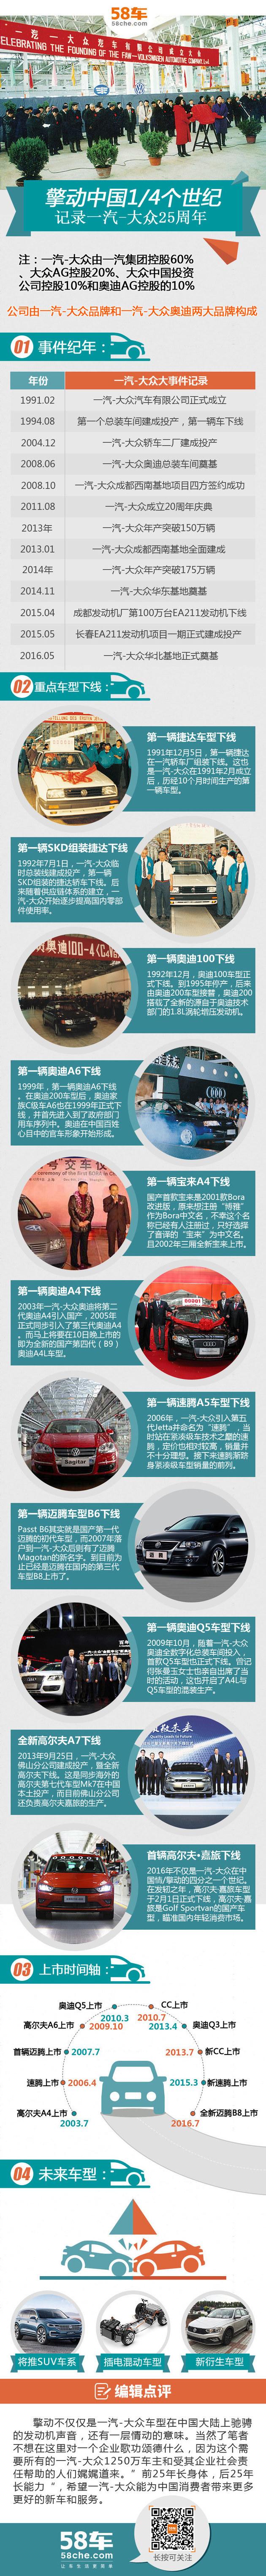 擎动中国1/4个世纪 暨一汽-大众25周年